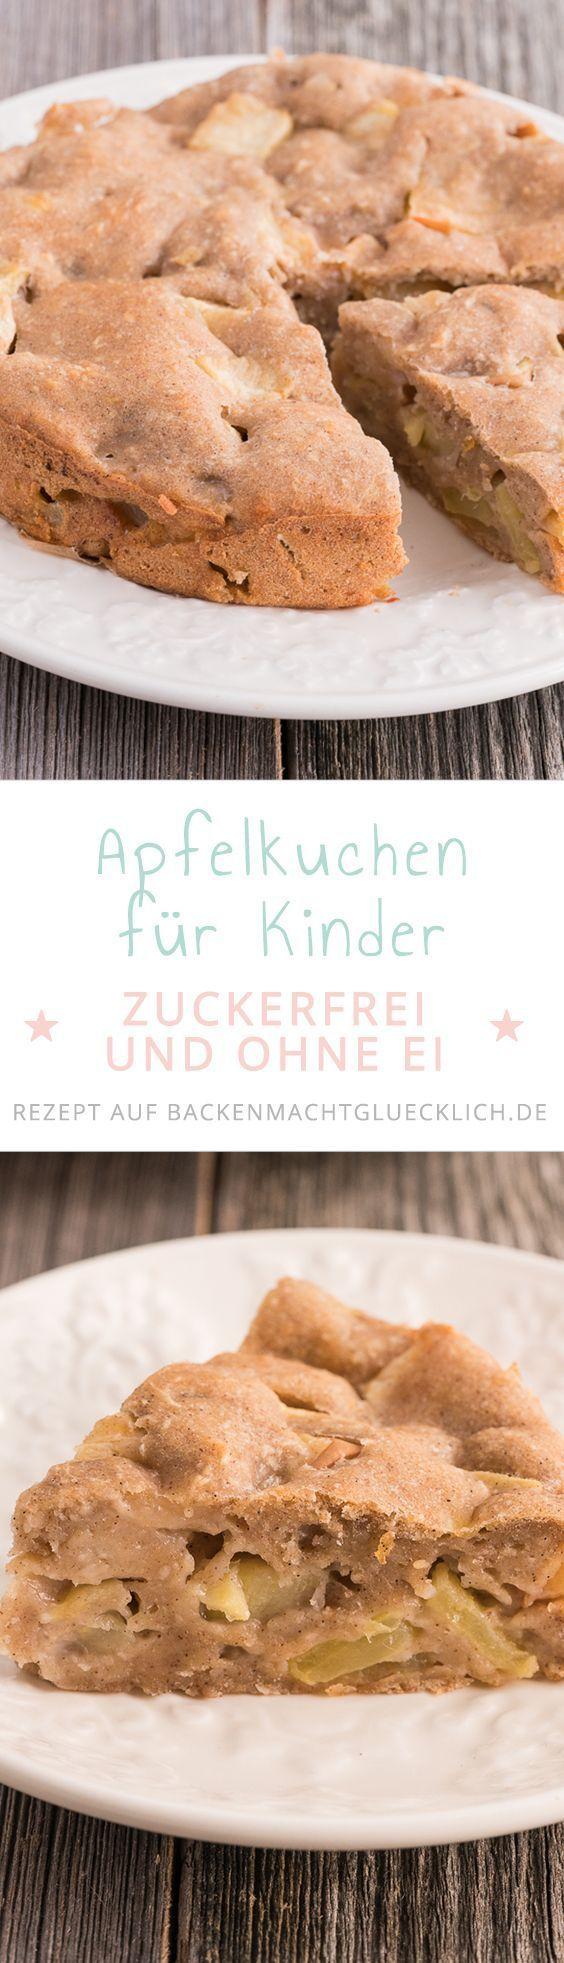 Apfelkuchen ohne Zucker, Butter, Ei – A. Karalic